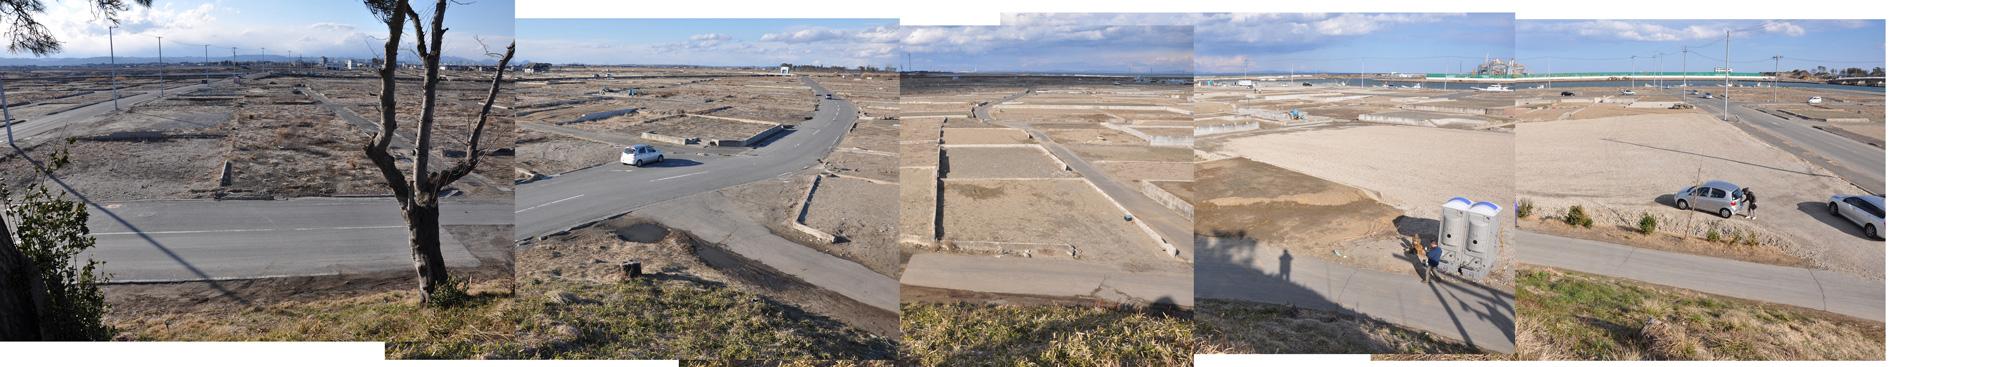 閖上日和山定点観測(西北西-東南東)2012年3月